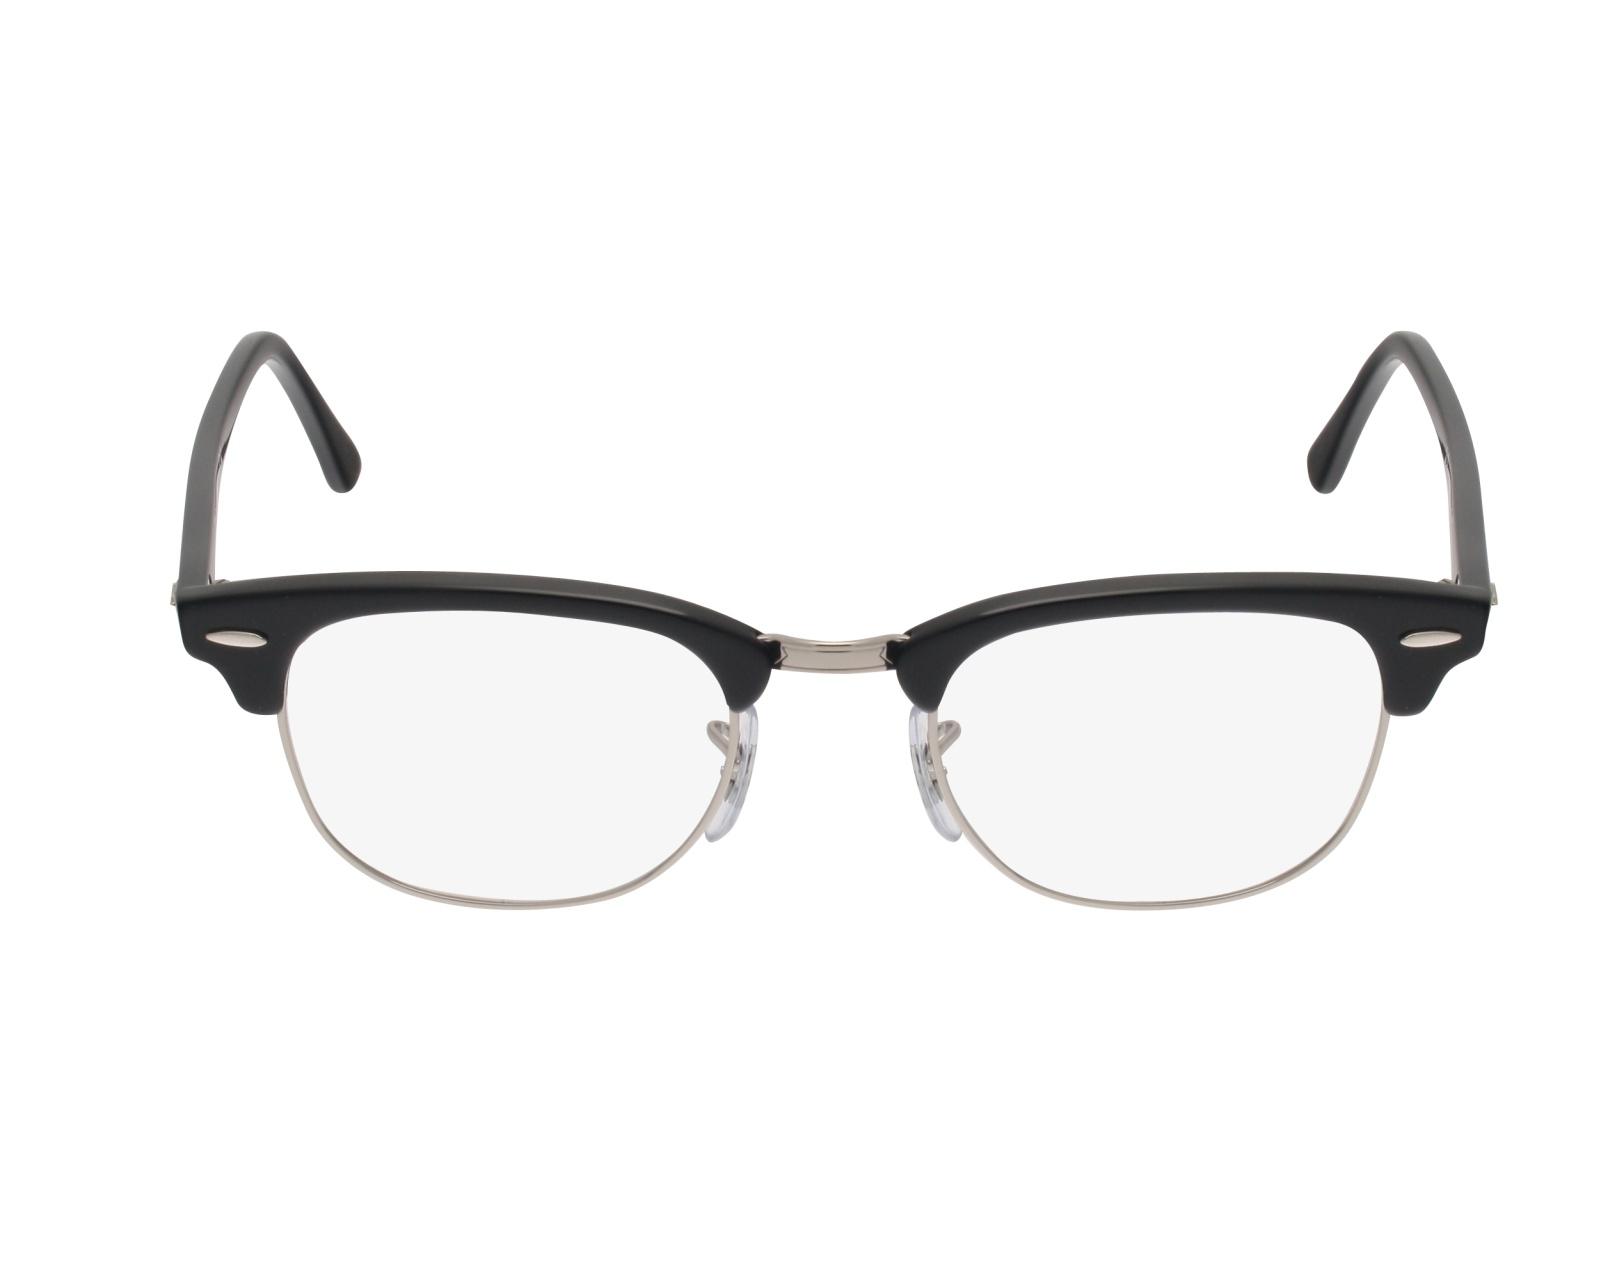 Locomotora Nuclear suéter  gafas de ver ray ban hombre - Tienda Online de Zapatos, Ropa y Complementos  de marca